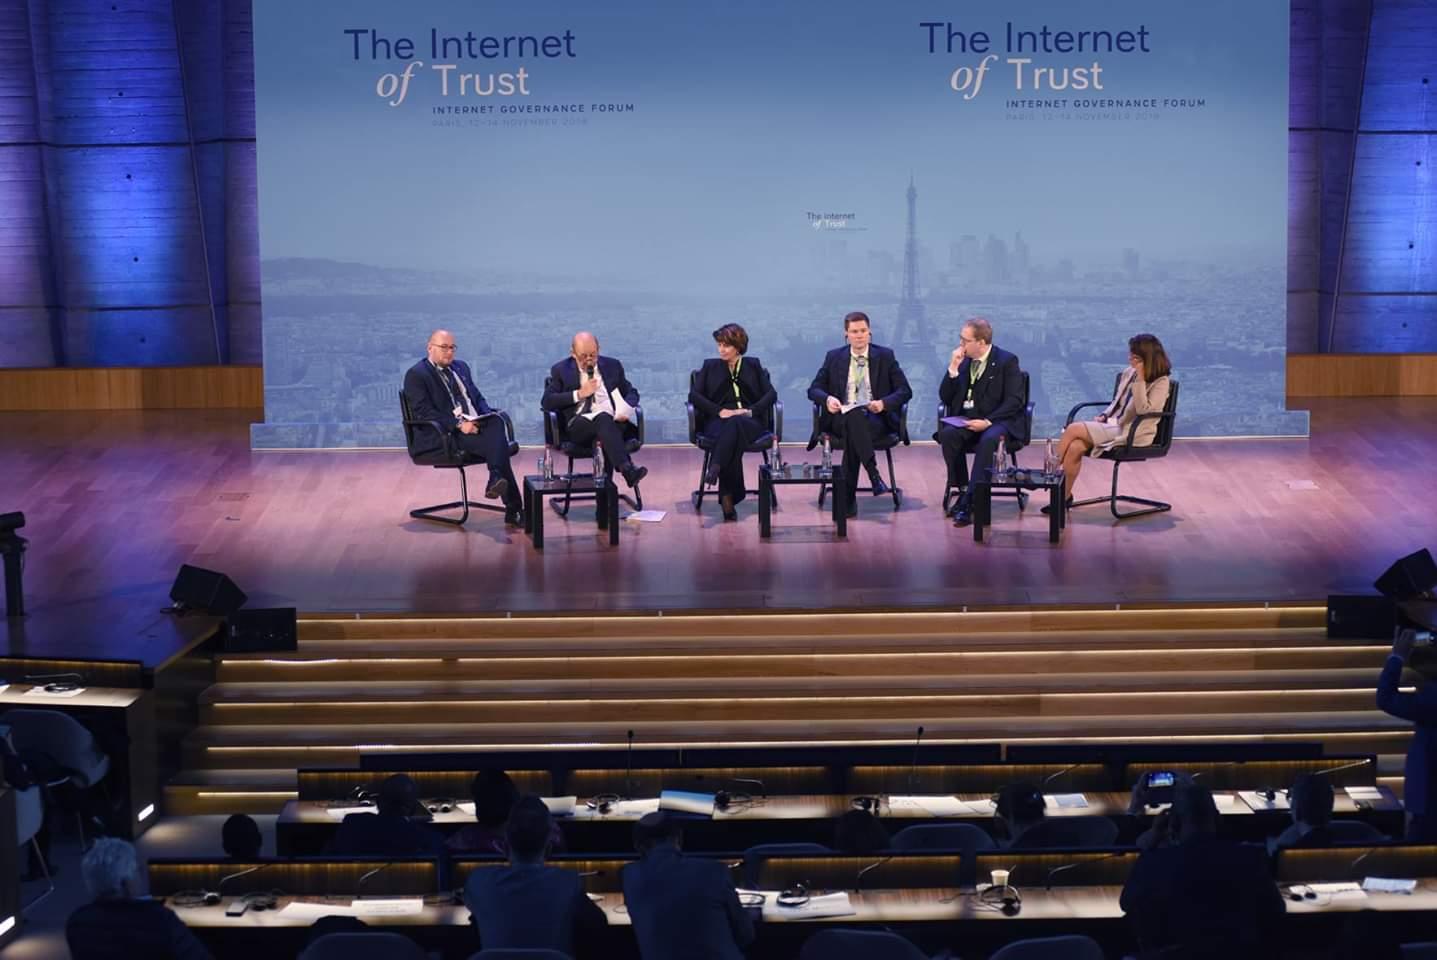 Panel modéré par Pierre Bonis (DG Afnic) sur le renforcement de la gouvernance de l'internet et du FGI lors du FGI Monde 2018 à Paris.